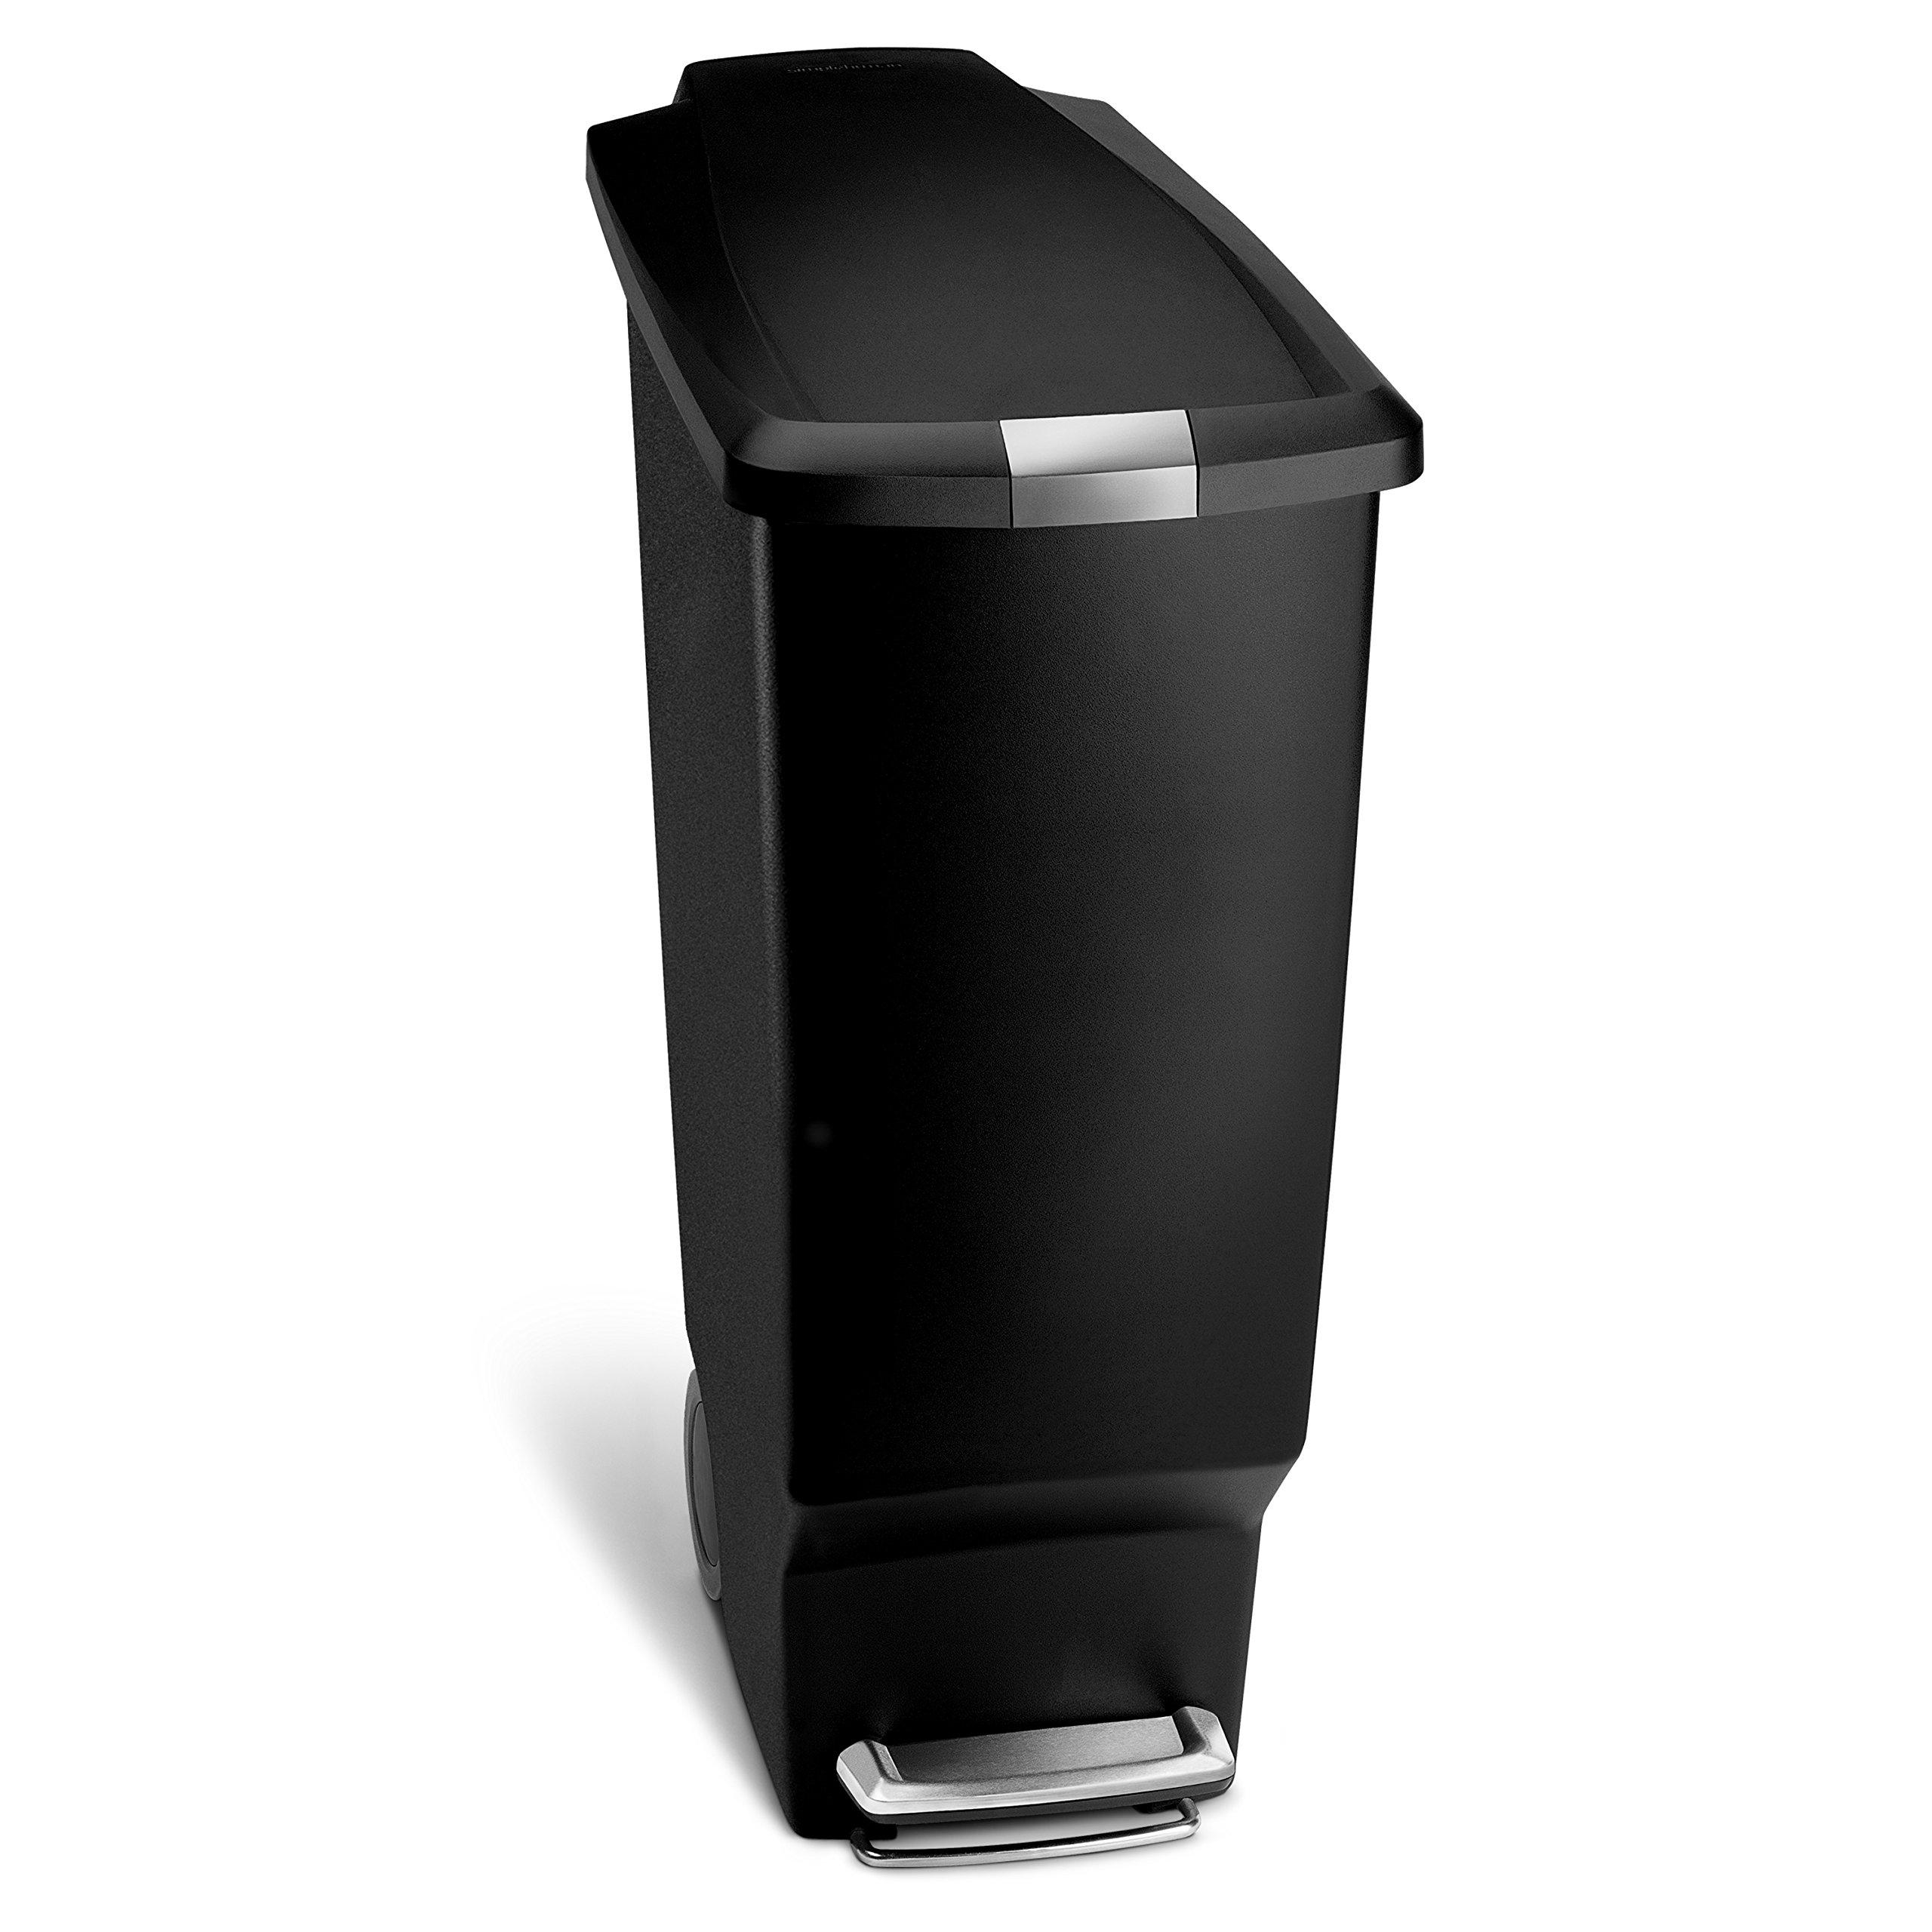 Simplehuman CW1361 - Secchio portarifiuti in plastica con ruote, coperchio con apertura a pedale e